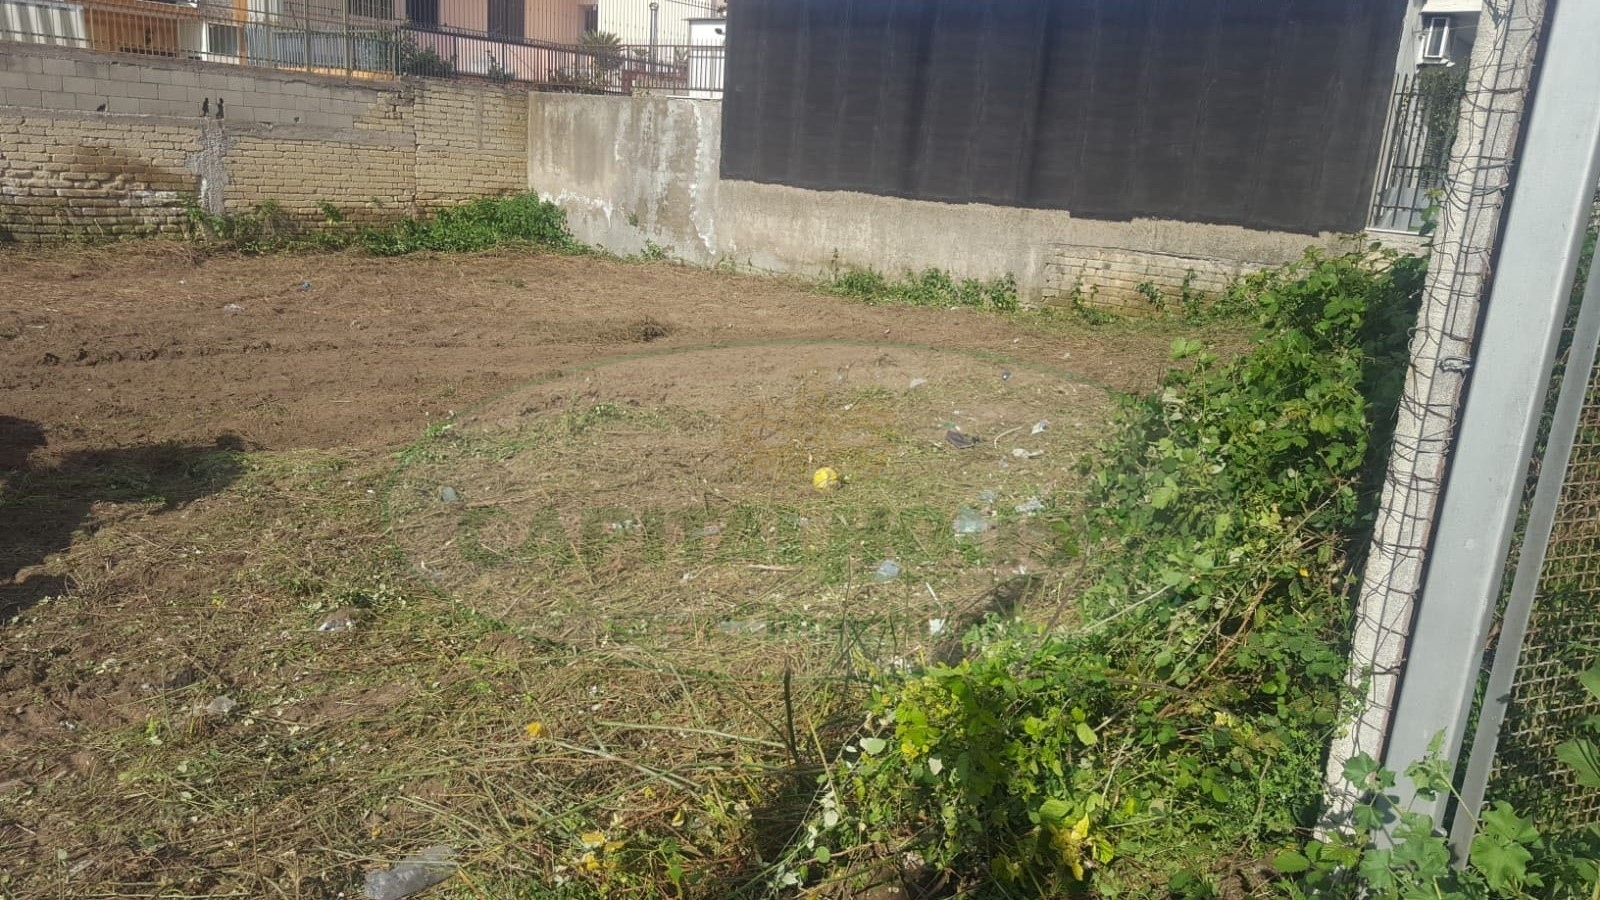 Terreno Agricolo in affitto a Afragola, 9999 locali, zona Località: ZonaSanMarco, prezzo € 600 | CambioCasa.it